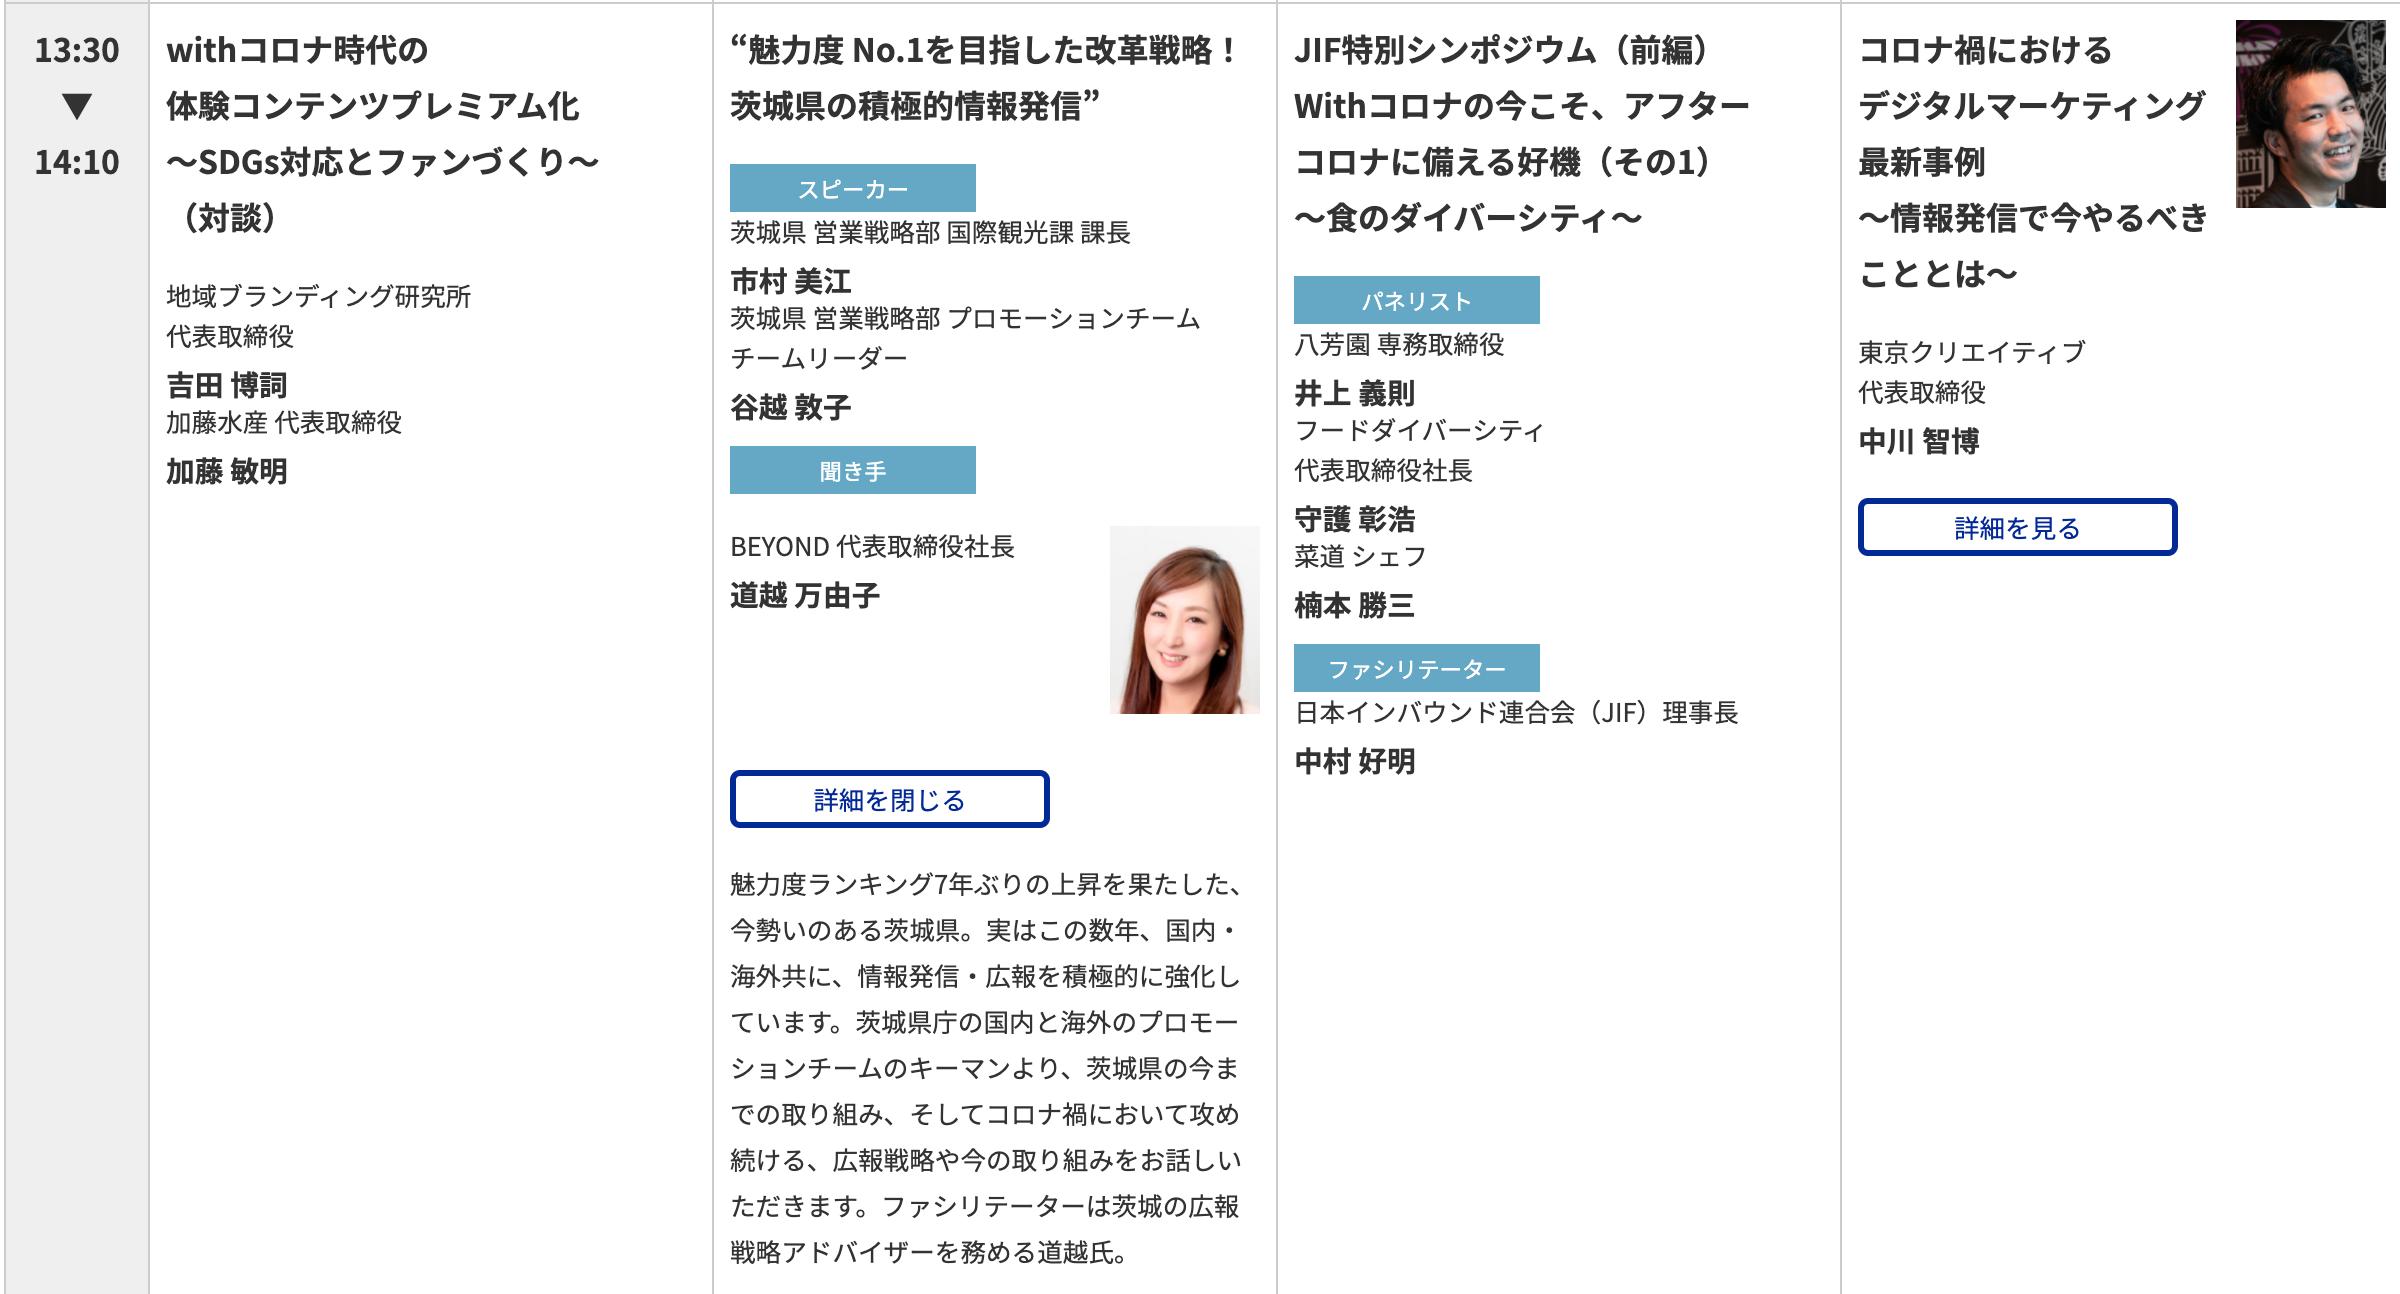 インバウンドマーケットエキスポ,道越万由子,茨城県,株式会社ビヨンド,